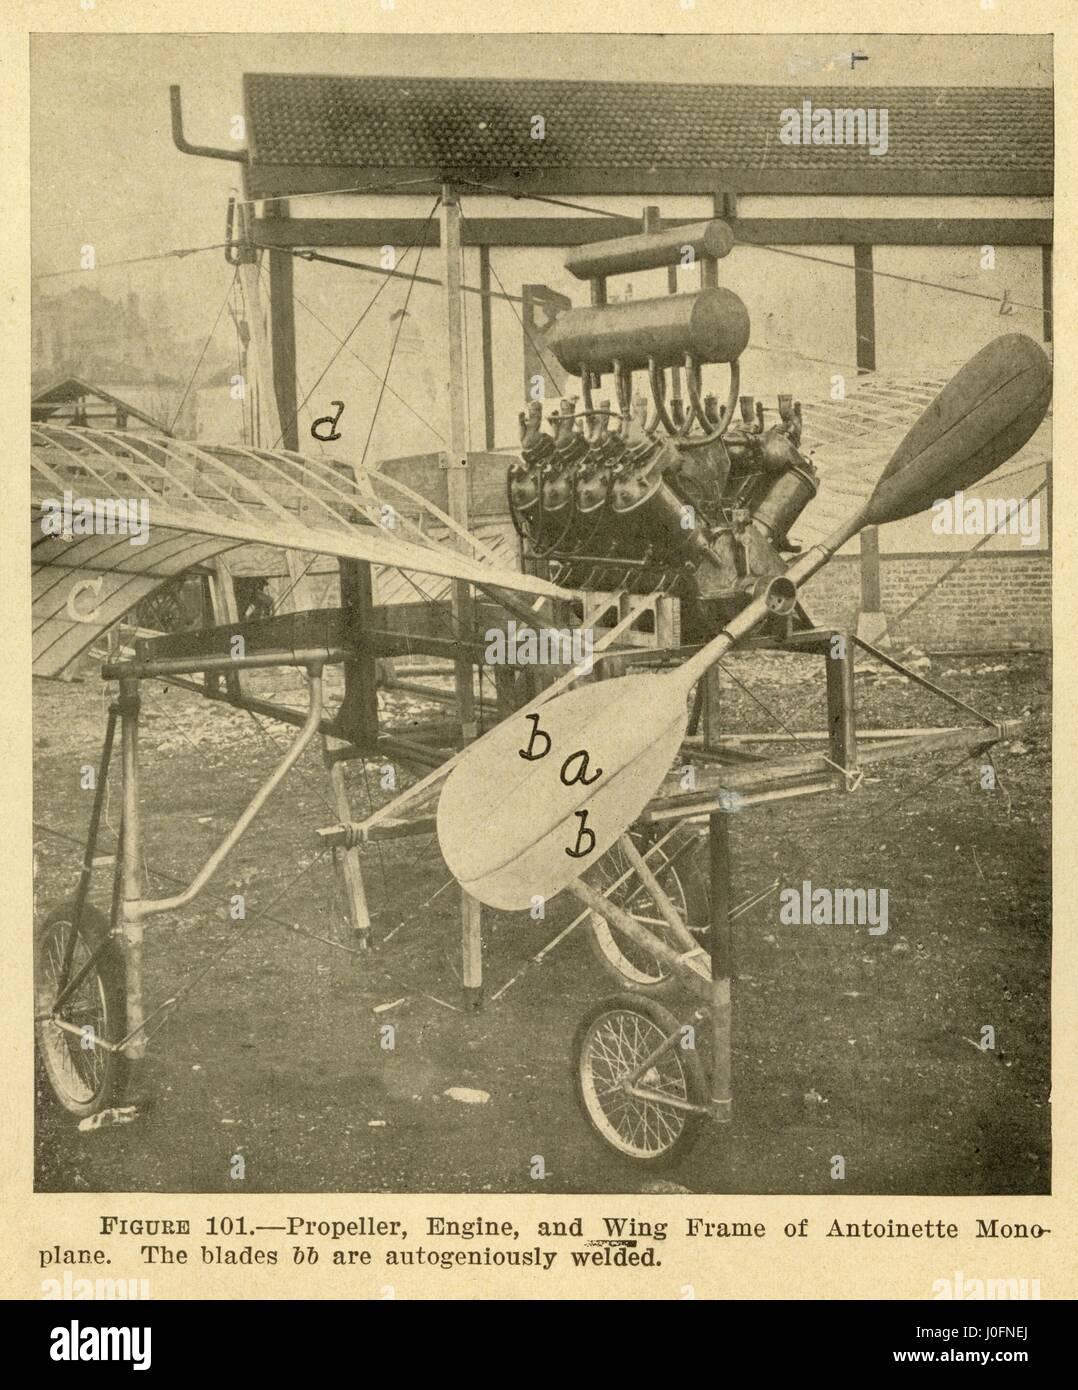 Hélice, motor y bastidor del ala de un monoplano Antoinette Foto de stock